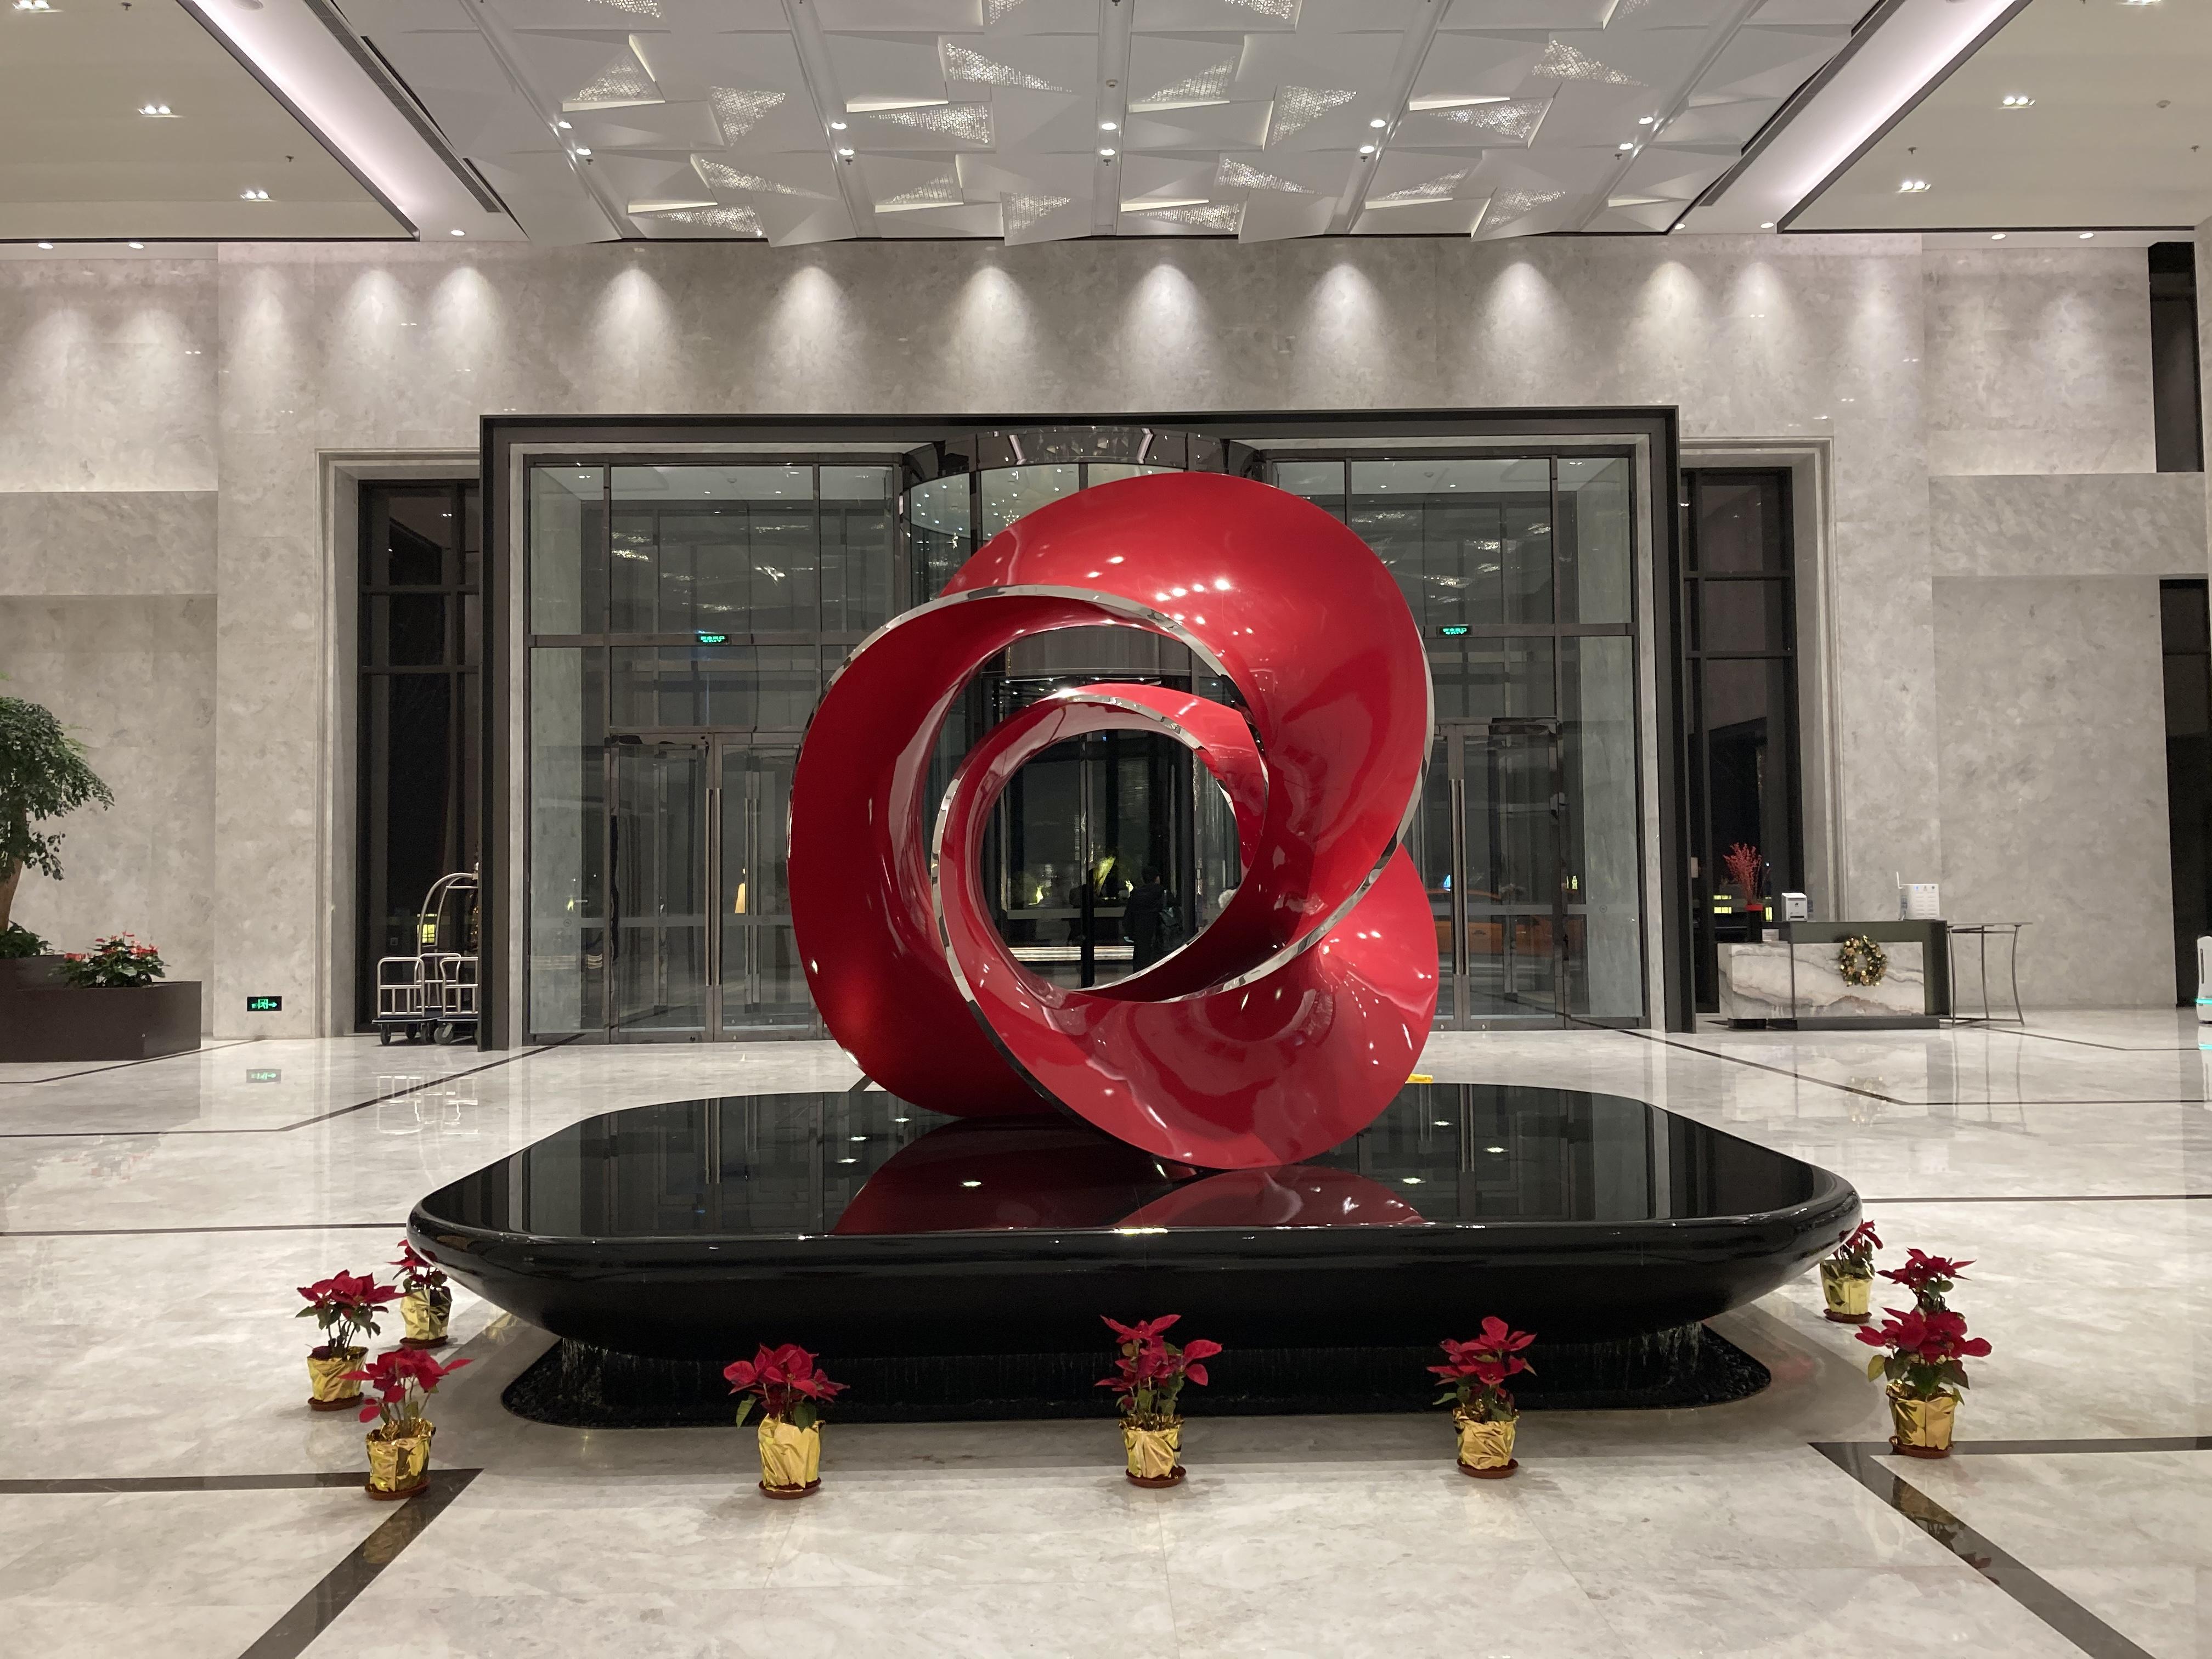 上海宝华喜来登酒店-魔都圣地长住打卡报告